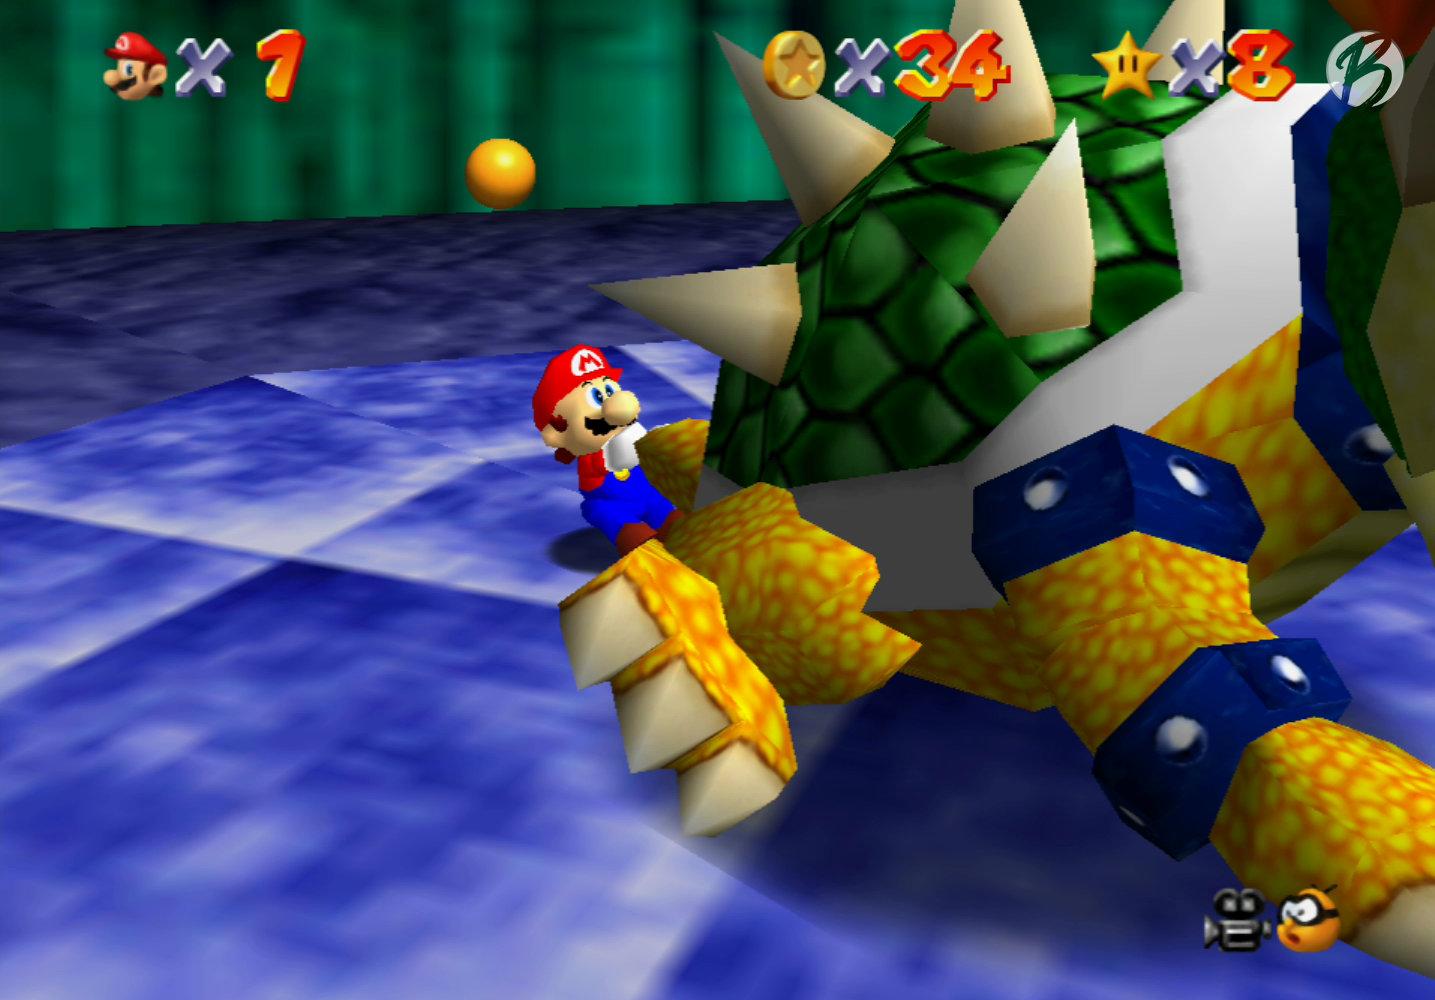 Super Mario 3D All-Stars - Super Mario 64 - Boss: Bowser